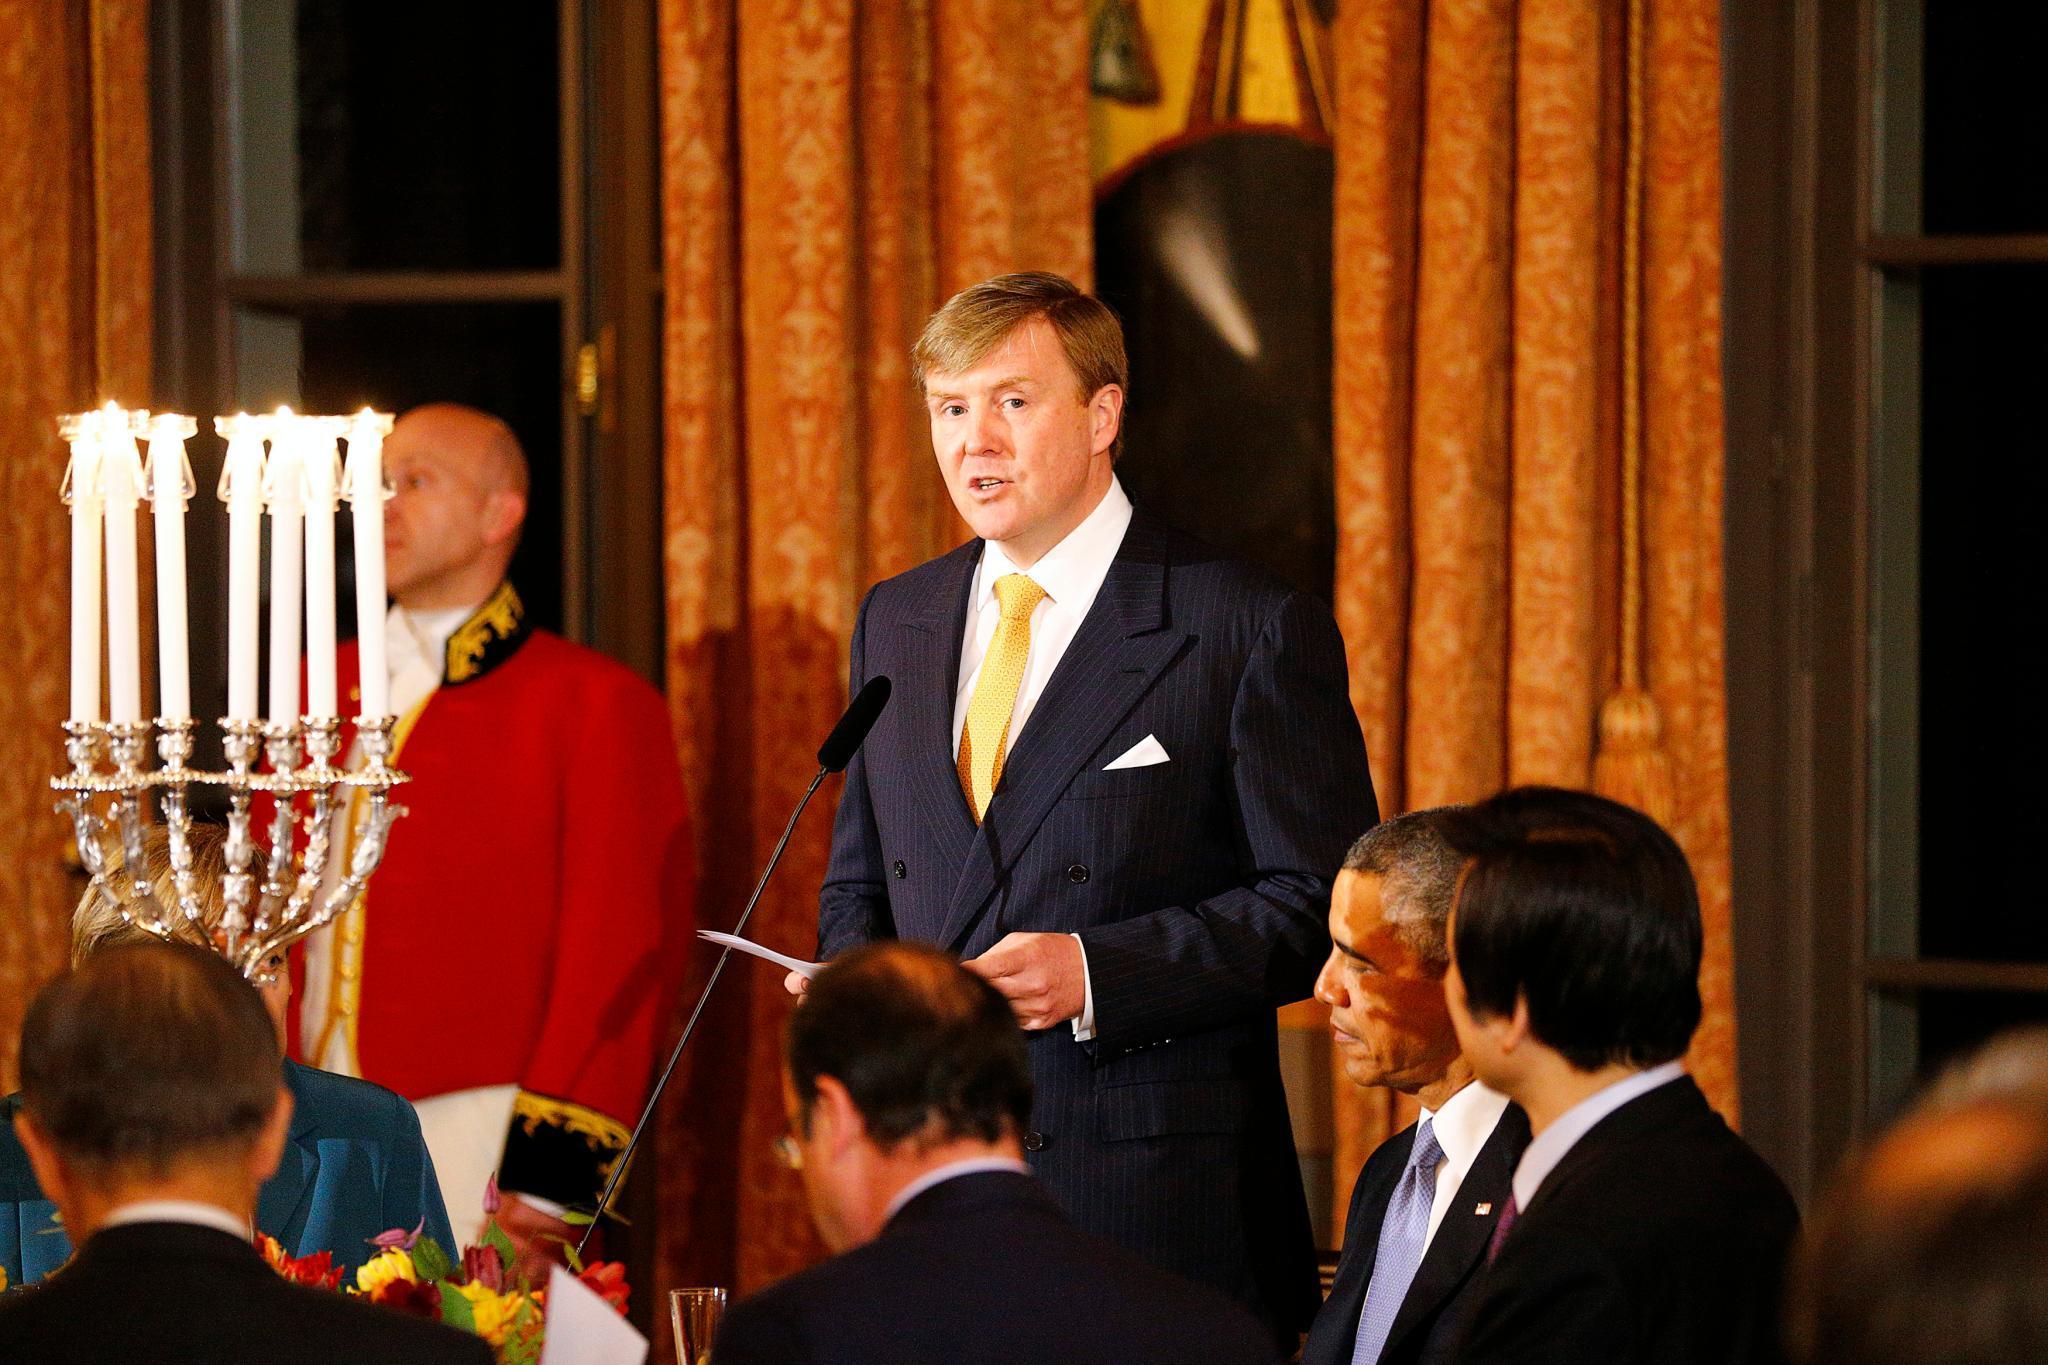 König Willem-Alexander der Niederlande eröffnet das Dinner mit einer Rede. Präsident Obama (rechts) hört andächtig zu.